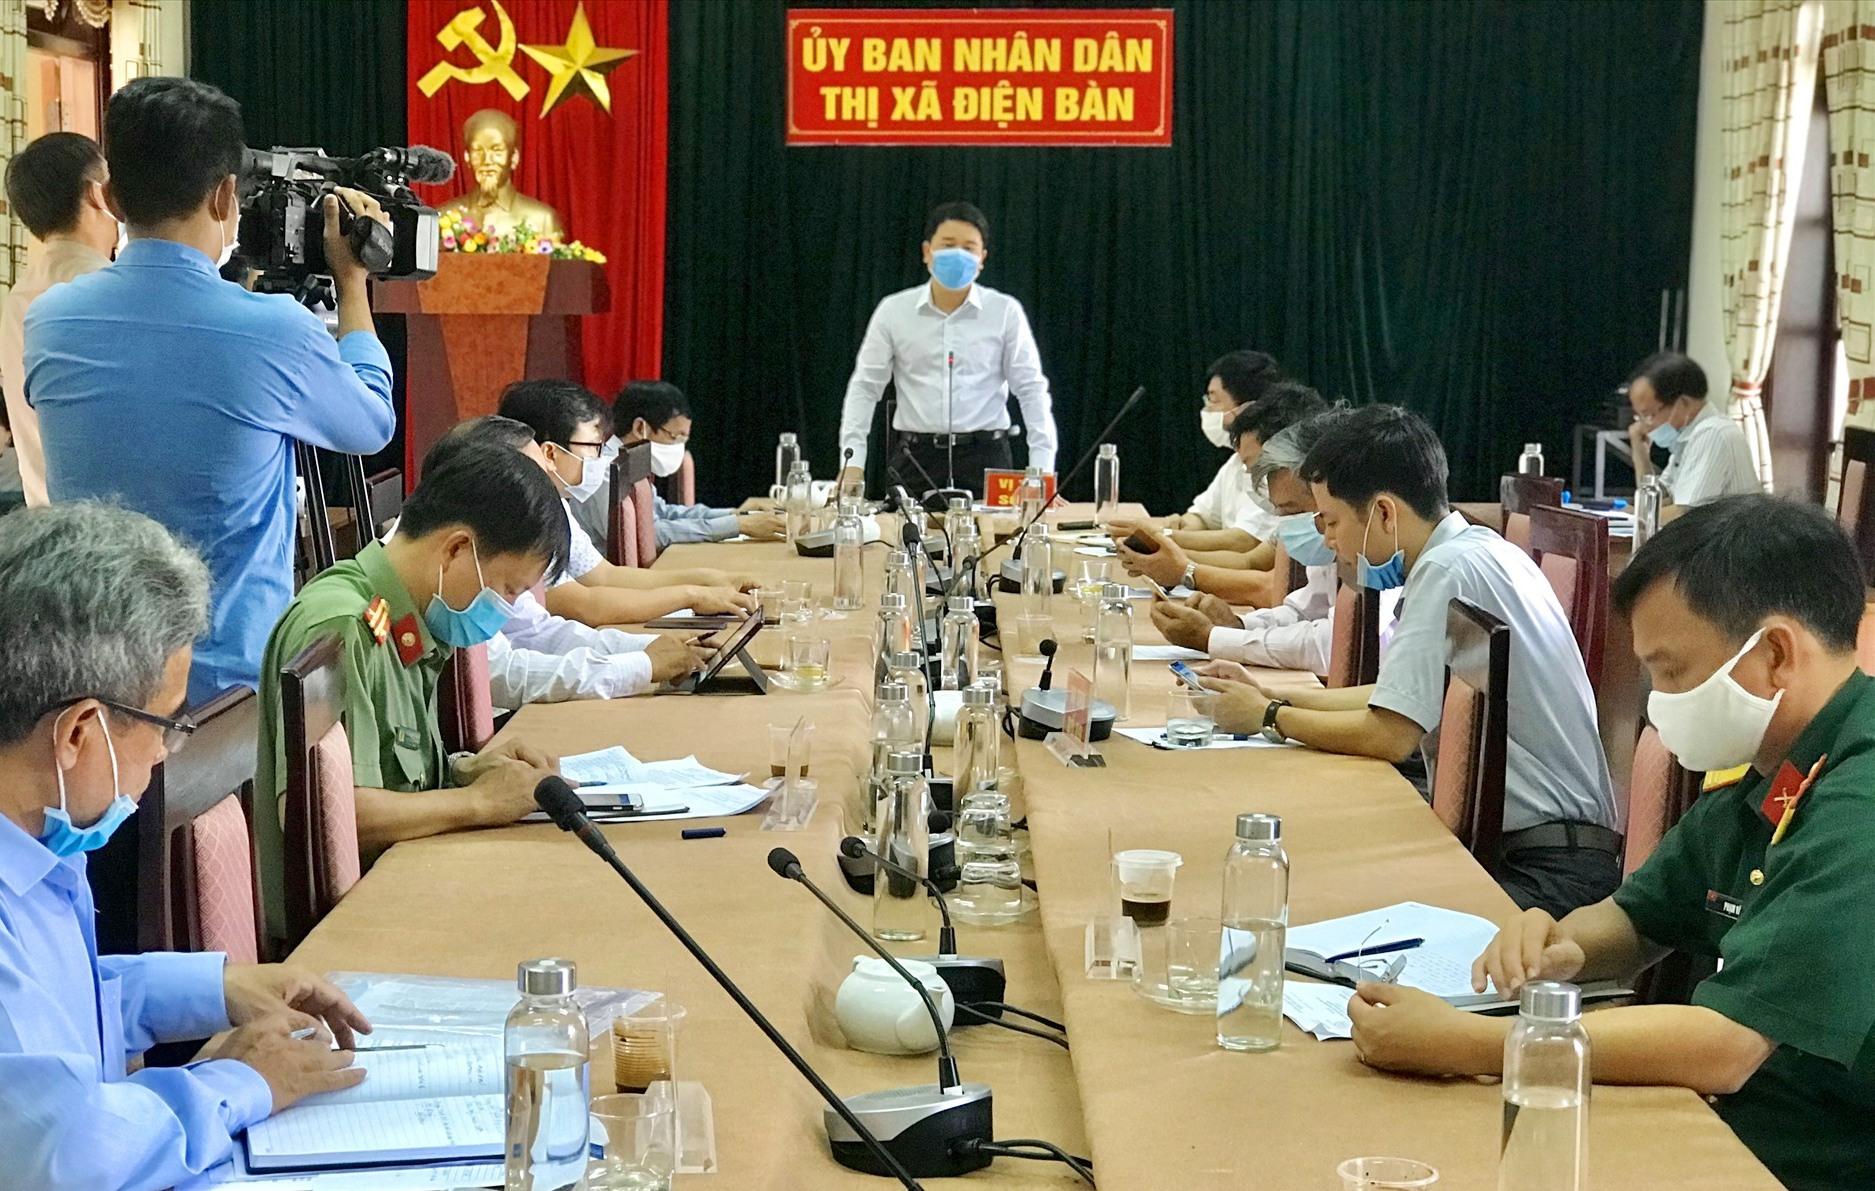 Phó Chủ tịch UBND tỉnh Trần Văn Tân chủ trì buổi làm việc về phòng, chống dịch Covid-19 tại Điện Bàn. Ảnh: Q.T